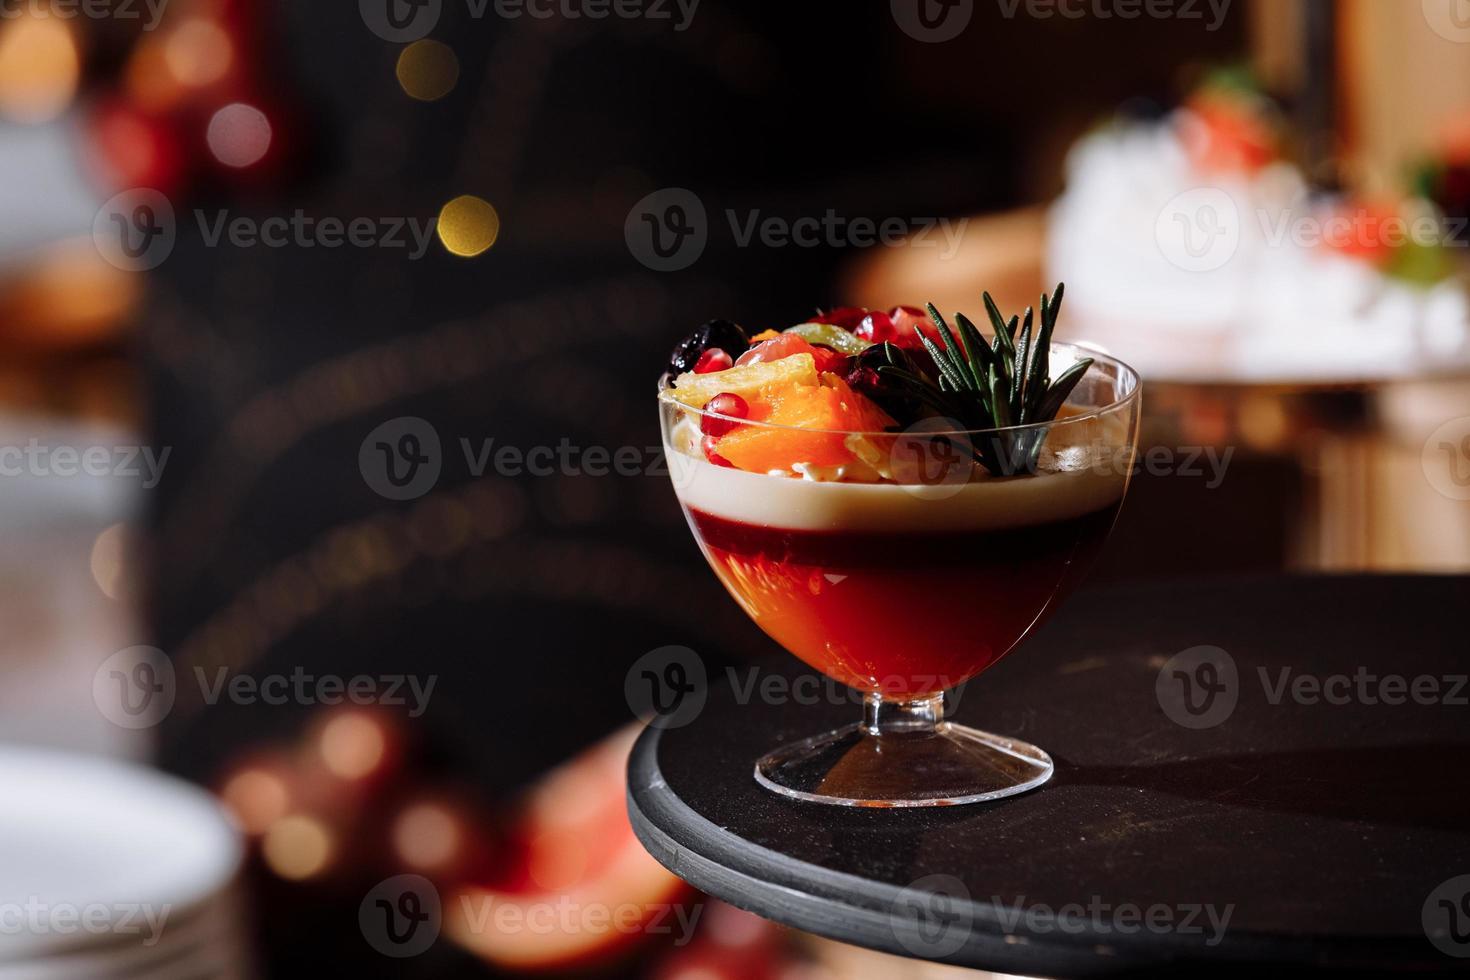 kleurrijke tafel met snoep en goodies voor de receptie van het huwelijksfeest, decoratie desserttafel. heerlijke snoepjes op snoepbuffet. desserttafel voor een feestje. taarten, cupcakes. foto